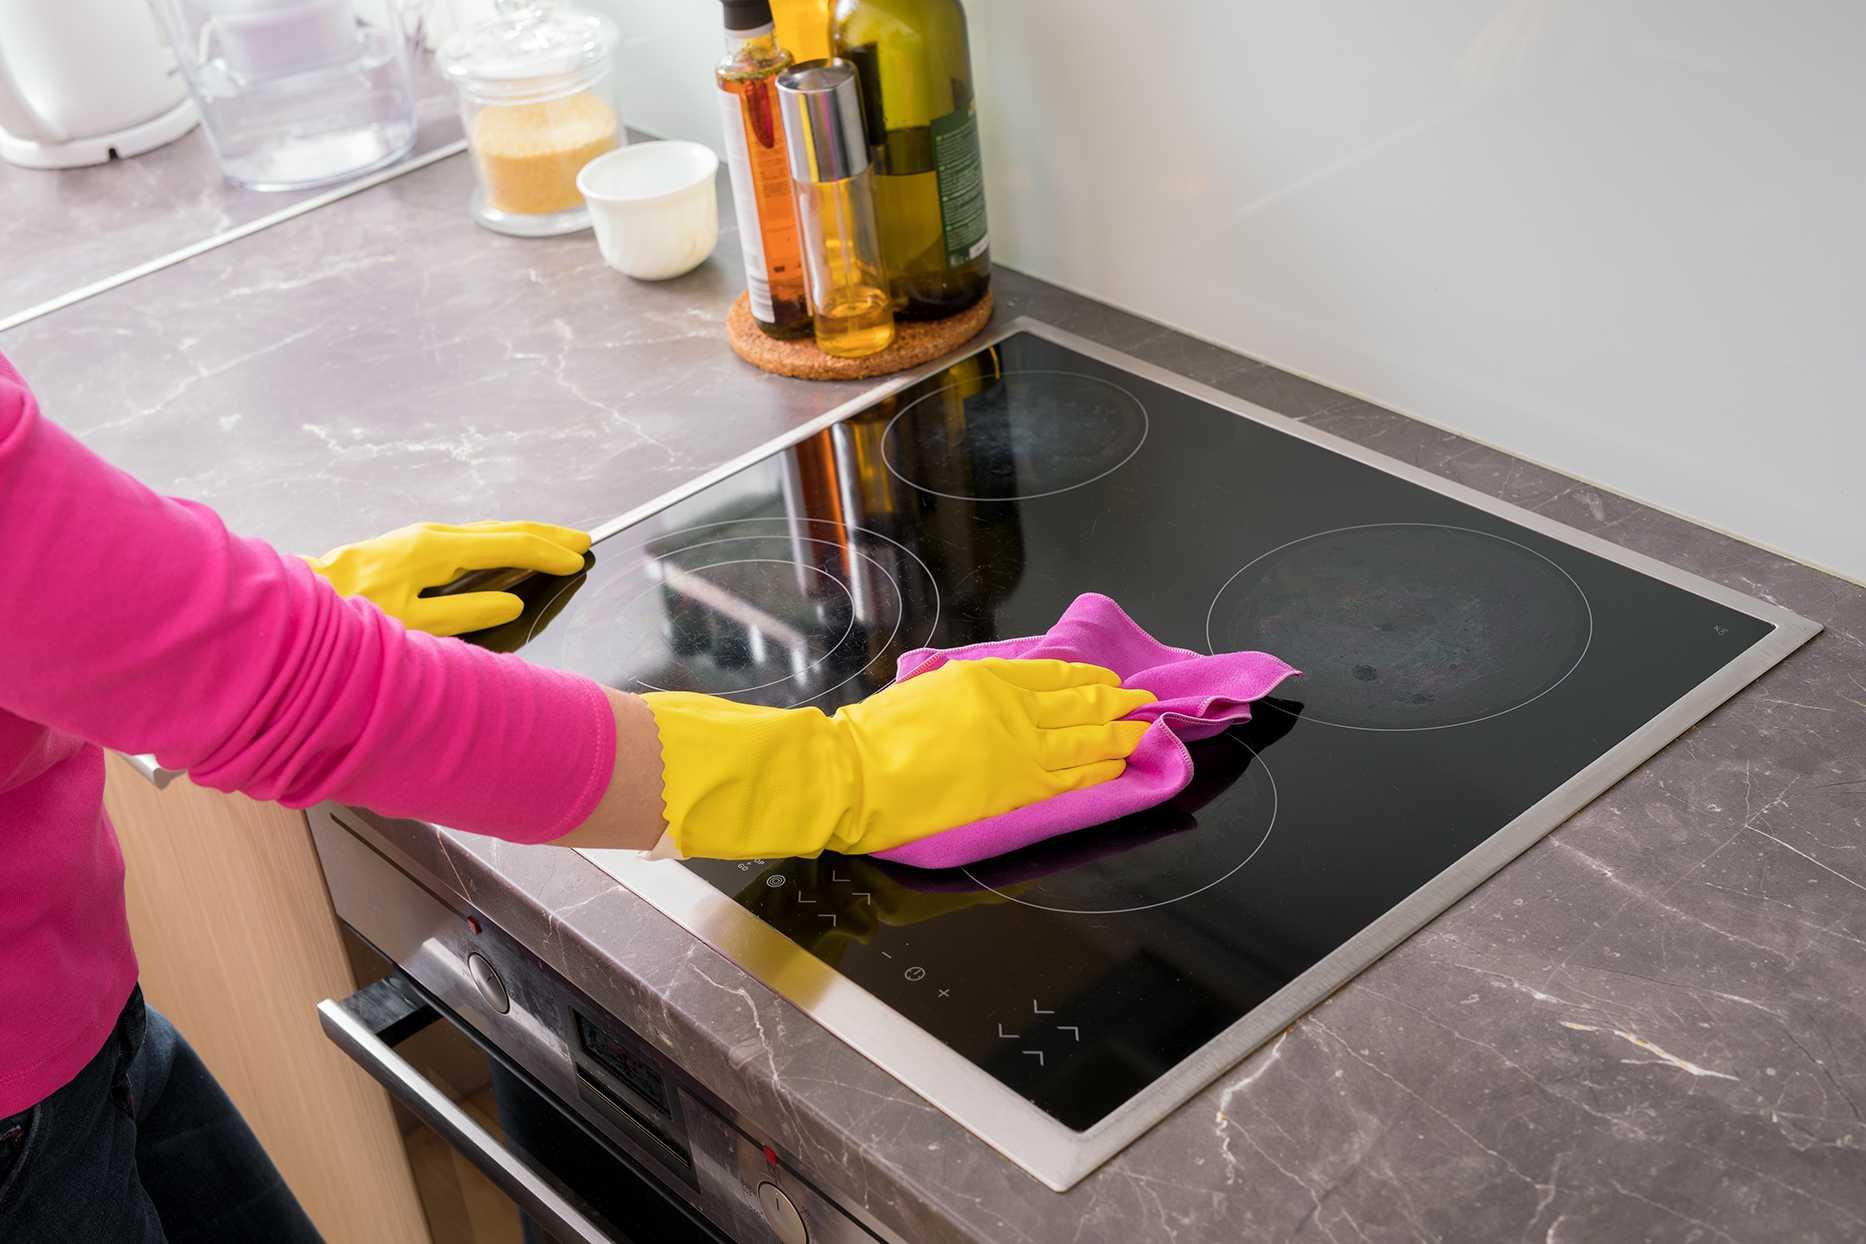 Чем и как отмыть стеклокерамическую плиту? как очистить стеклокерамическую плиту от нагара, жира и других загрязнений?